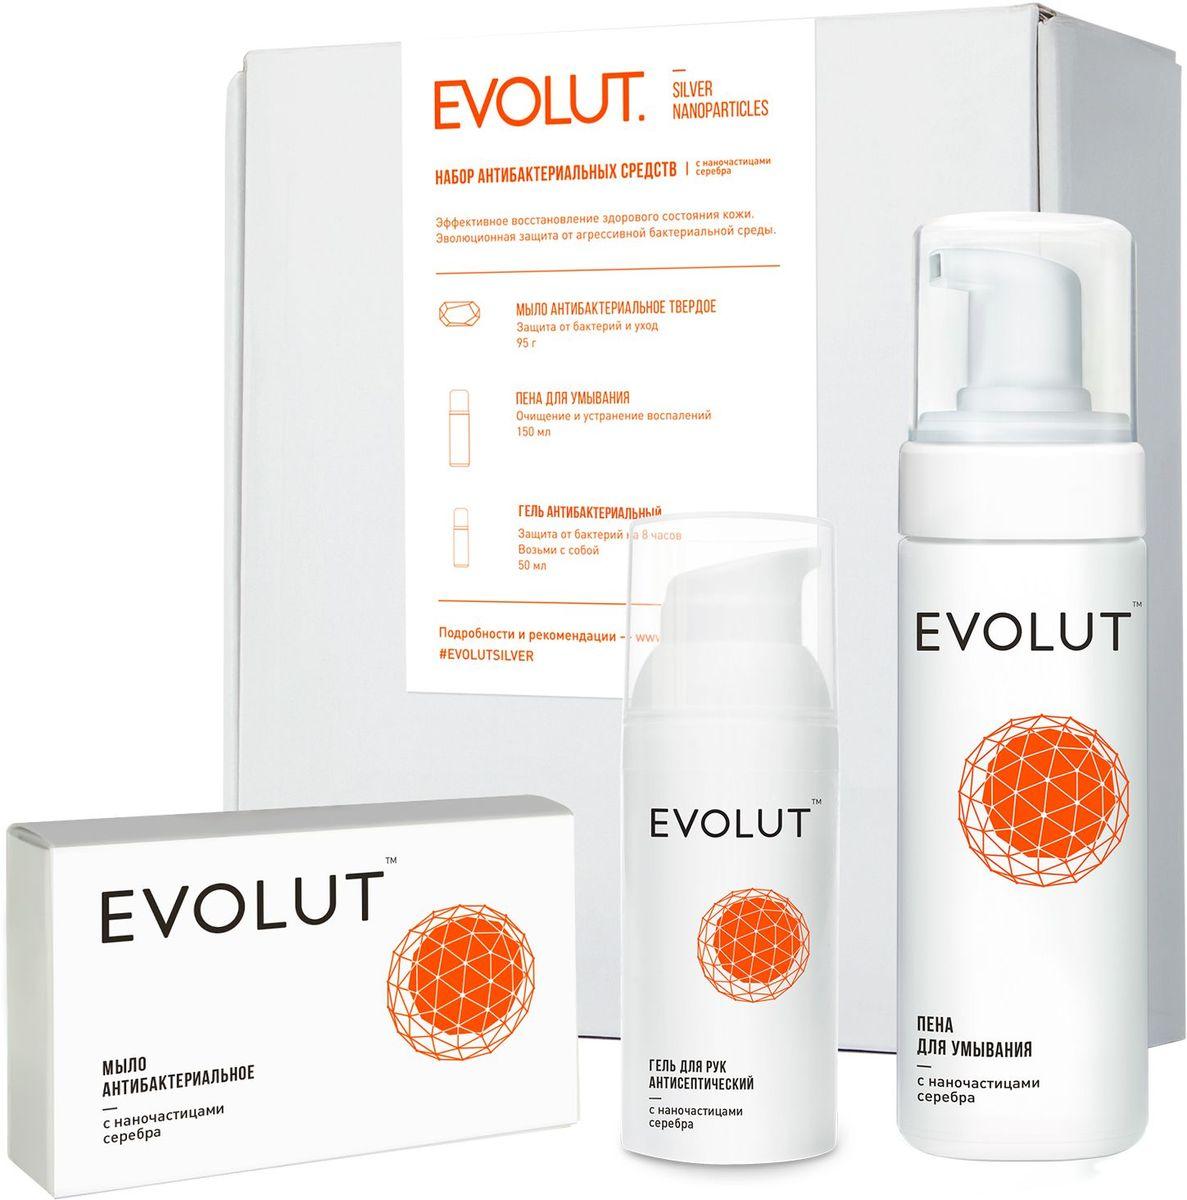 Evolut Набор №1 Очищение, защита, восстановление (3 средства + пробник мыла)270059Набор #1 включает в себя три средства для лица, рук и тела. Это основные продукты EVOLUT, которые очищают кожу, восстанавливают ее здоровье и защищают от бактерий. МЫЛО АНТИБАКТЕРИАЛЬНОЕ ДЛЯ ЛИЦА И ТЕЛА Очищающее мыло для кожи склонной к жирности и для проблемной кожи. Подтвержденное дерматологами эффективное средство от акне, прыщей, папул пустул, комедонов. По результатам исследований мыло устраняет угревую сыпь и улучшает состояние кожи на 75%в первый месяц использования. Кожа в тяжелом состоянии оздоравливается за 3 - 6 месяцев. Нормализует работу сальных желез. Удаляет излишки жира, очищает закупоренные поры. Основу мыла образуют кокосовое и касторовое масла, органические масла цитрусовых и растительный глицерин. Они оптимальны по составу для нашей кожи и помогают восстановить структуру липидов кожного барьера.ГЛУБОКО ОЧИЩАЮЩАЯ ПЕНА ДЛЯ УМЫВАНИЯОчищает кожу даже внутри пор, снимает воспаления и предотвращает появление акне, удаляет излишки жира. Имеет мягкий pH 7, не сушит. Подходит для всех типов кожи, в том числе для нормальной, сухой и чувствительной. Снимает легкий макияж. Для мужчин применяется с целью тщательного очищения перед бритьем и снятия воспалений после. Наночастицы серебра (коллоидное серебро) проникают во внутренние слои кожи и устраняют бактерии, которые вызывают прыщики, акне, высыпания. Экстракт мелиссы и масла цитрусовых изнутри насыщают кожу ценными витаминами и кислотами. Пена освежает и тонизирует кожу.ГЕЛЬ АНТИСЕПТИЧЕСКИЙ Бесспиртовой гель EVOLUT используется для очищения рук без воды и обеззараживания ран. Подходит взрослым и детям с 3-х лет. Наночастицы серебра уничтожают более 650 видов бактерий и микробов. Образует на коже защитный слой, на котором не будет микробов до 8 часов. Можно спокойно прикасаться к различным поверхностям, находясь под защитой от патогенной микрофлоры. Гель оставляет ощущение чистоты, свежести и мягкости. Не сушит кожу. Очень эко